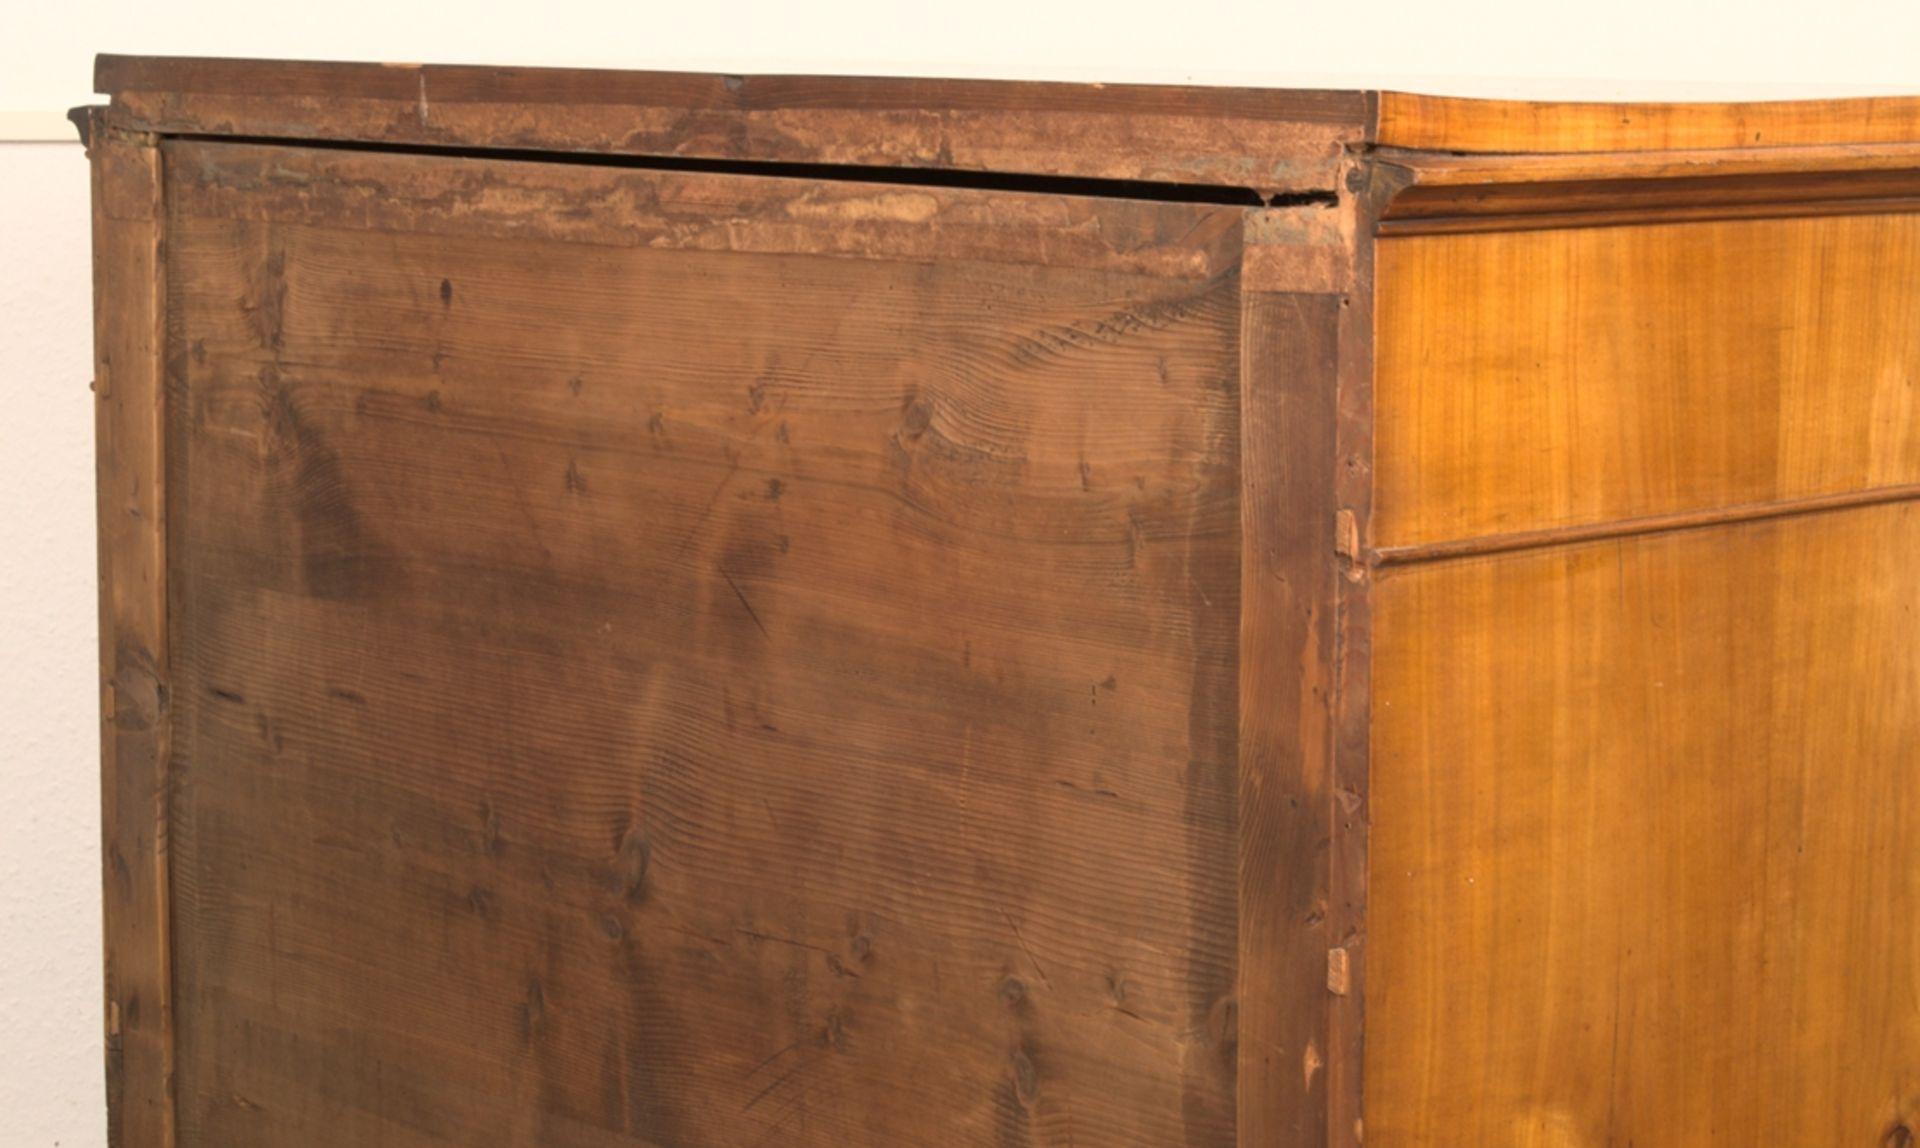 Wäschekommode. Biedermeier um 1835. Kirschbaum massiv & furniert, die 4 Schubladen-Fronten mit - Bild 14 aus 18